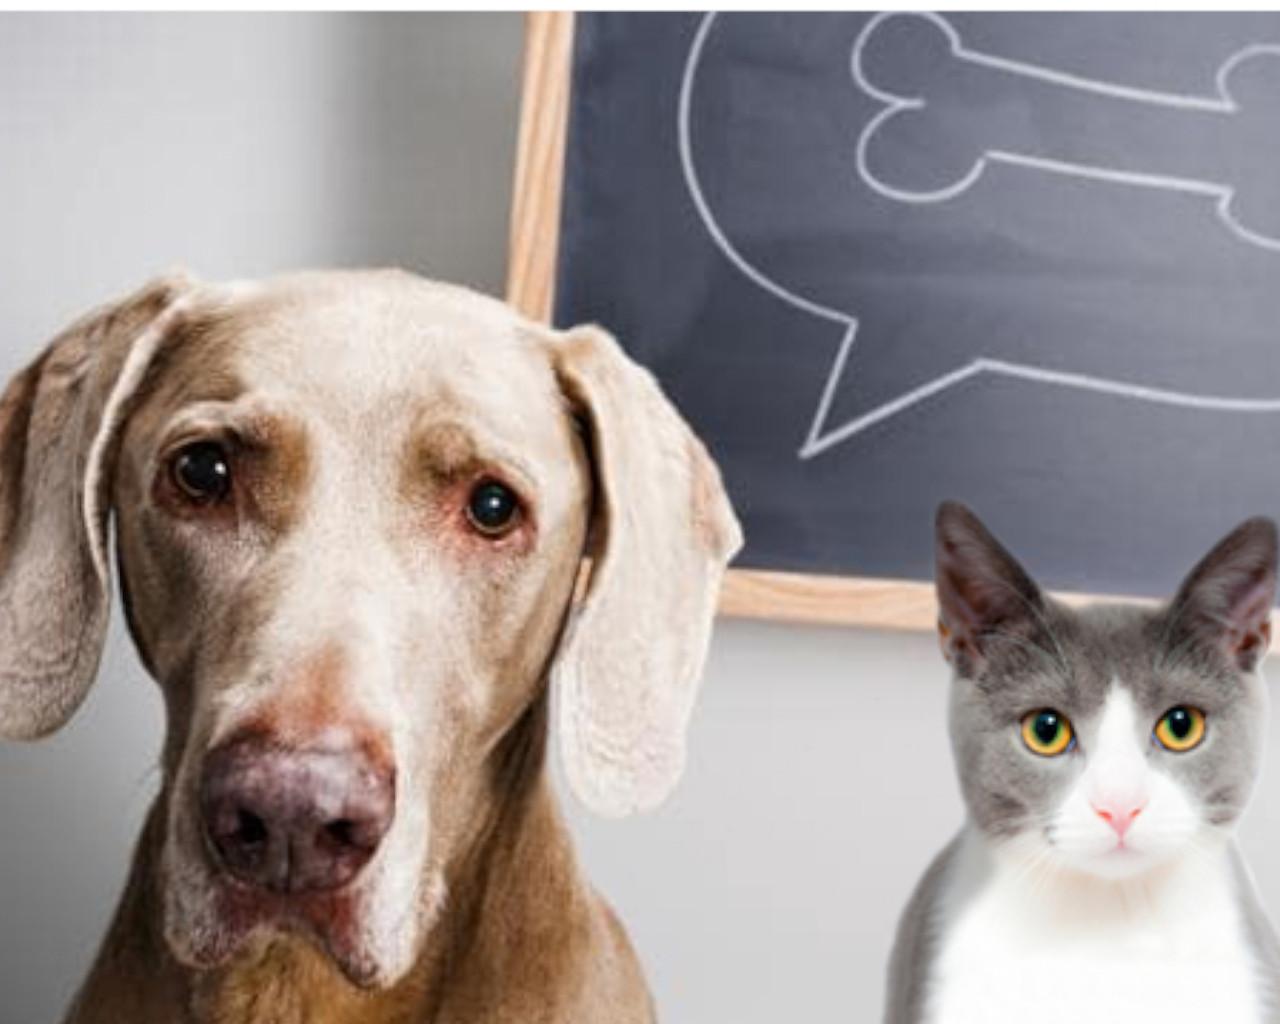 γατα ενταντιον σκυλου,γατα και σκυλος,γατα και σκυλος μαζι,γατα σκυλος κι ενα αρνι πορτρετα σε μια γκαλερι,η γατα και ο σκυλος τραγουδι,γατα σκυλοσ διαφορεσ,γατα και σκυλος ονειροκριτης,γατα και σκυλοσ συμβιωση